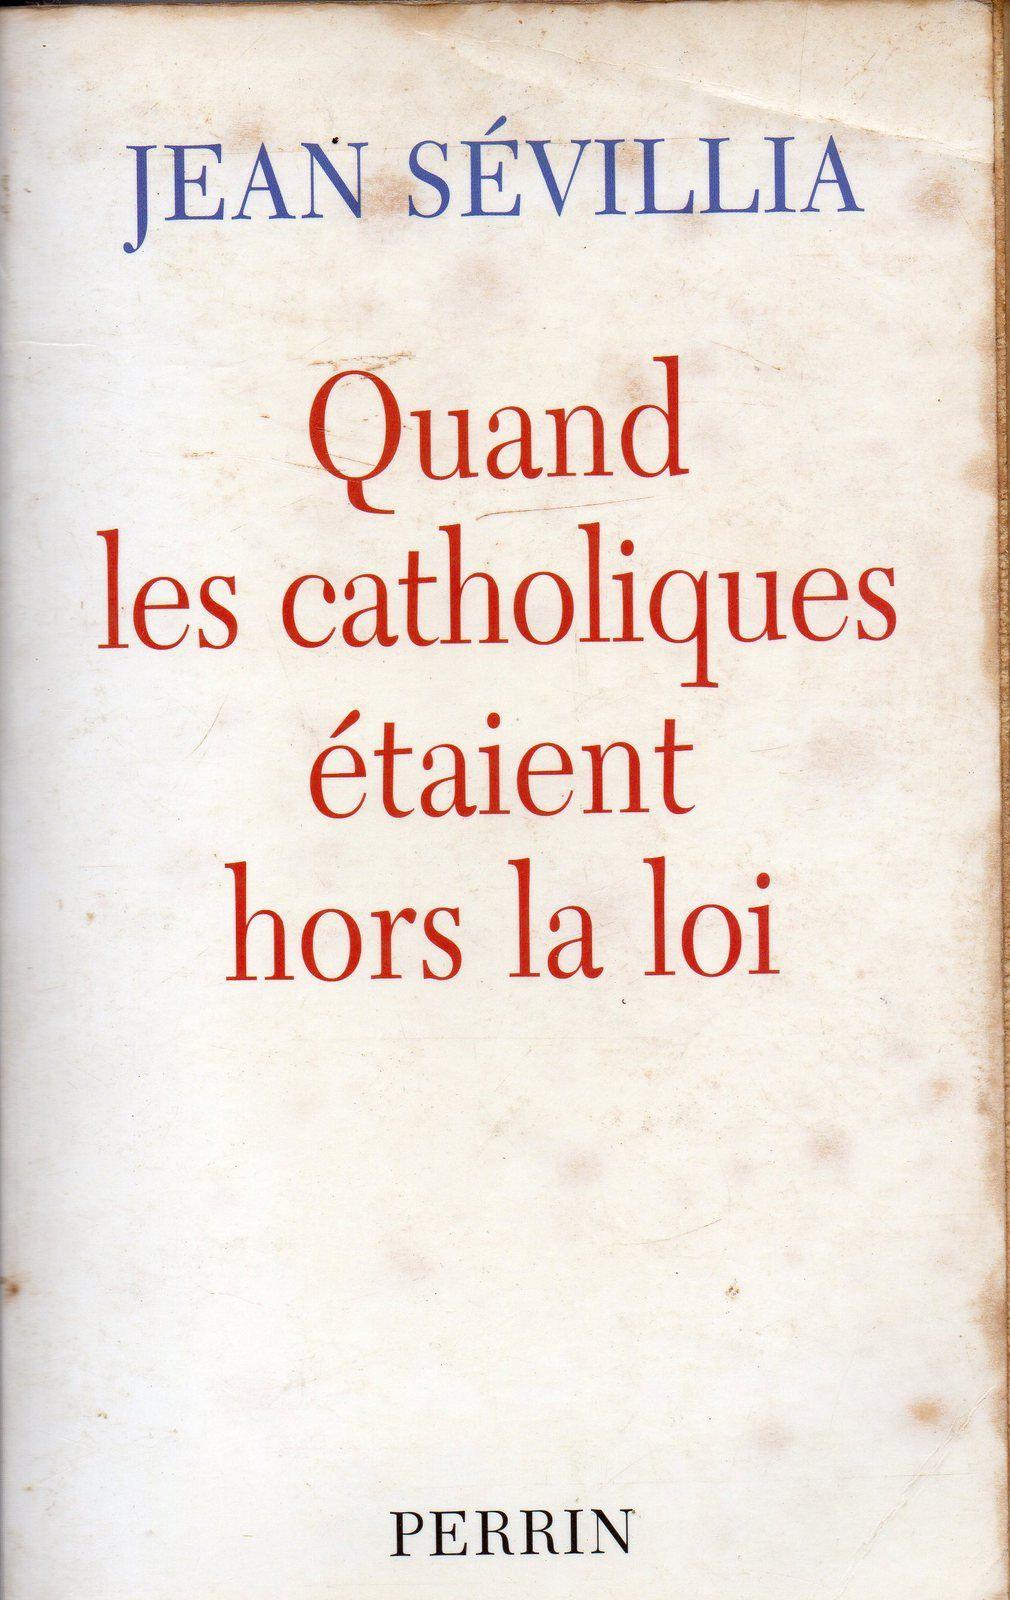 Sur Guadeloupe 1 ère : Débat sur la laïcité. Bruits de bouche et salmigondis.